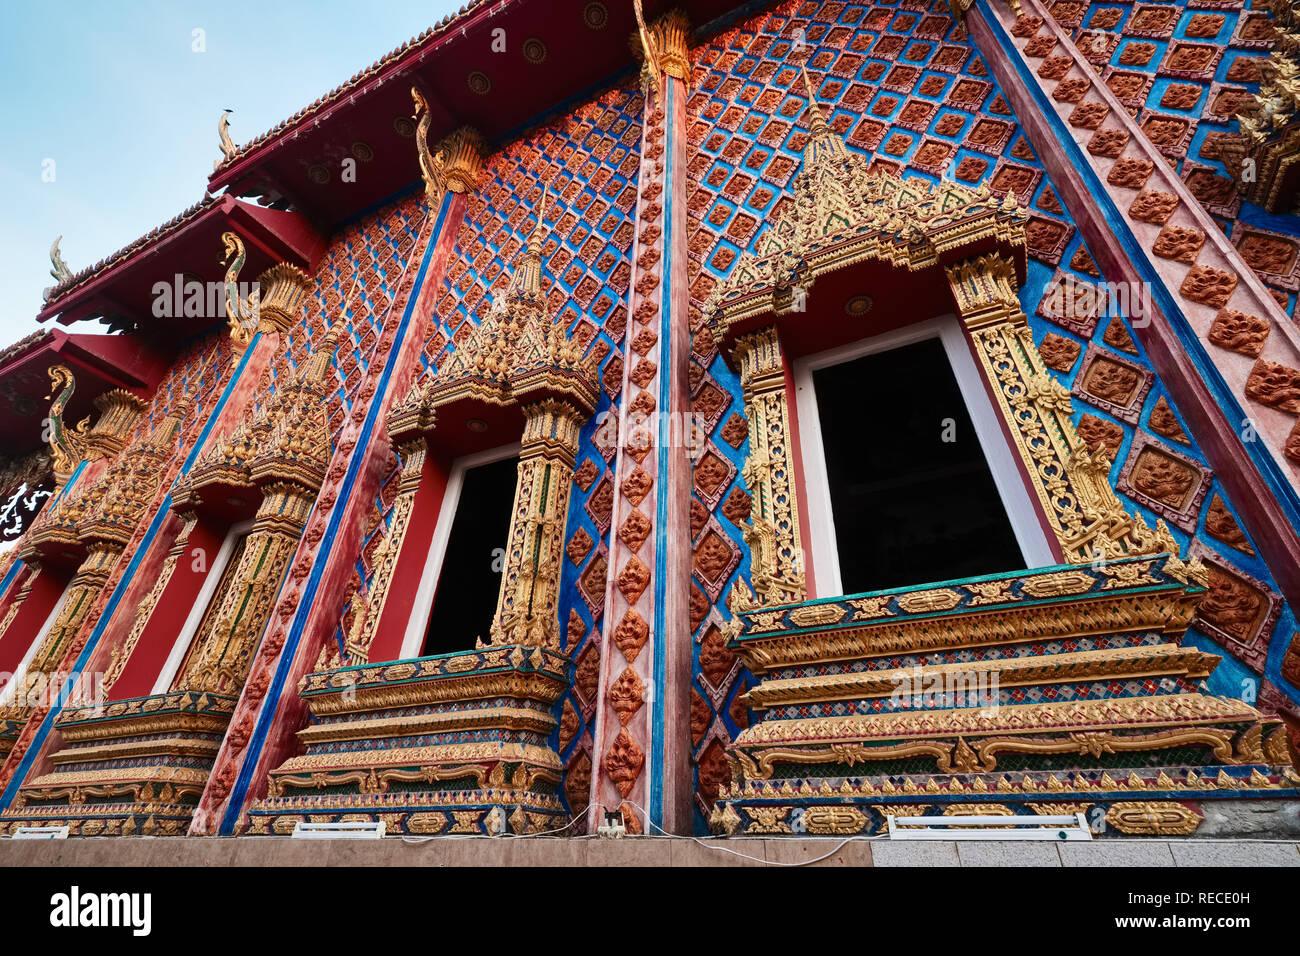 The elaborate windows and wall ornamentation of Wat Phra Nang Sang, Thalang, Phuket, Thailand Stock Photo